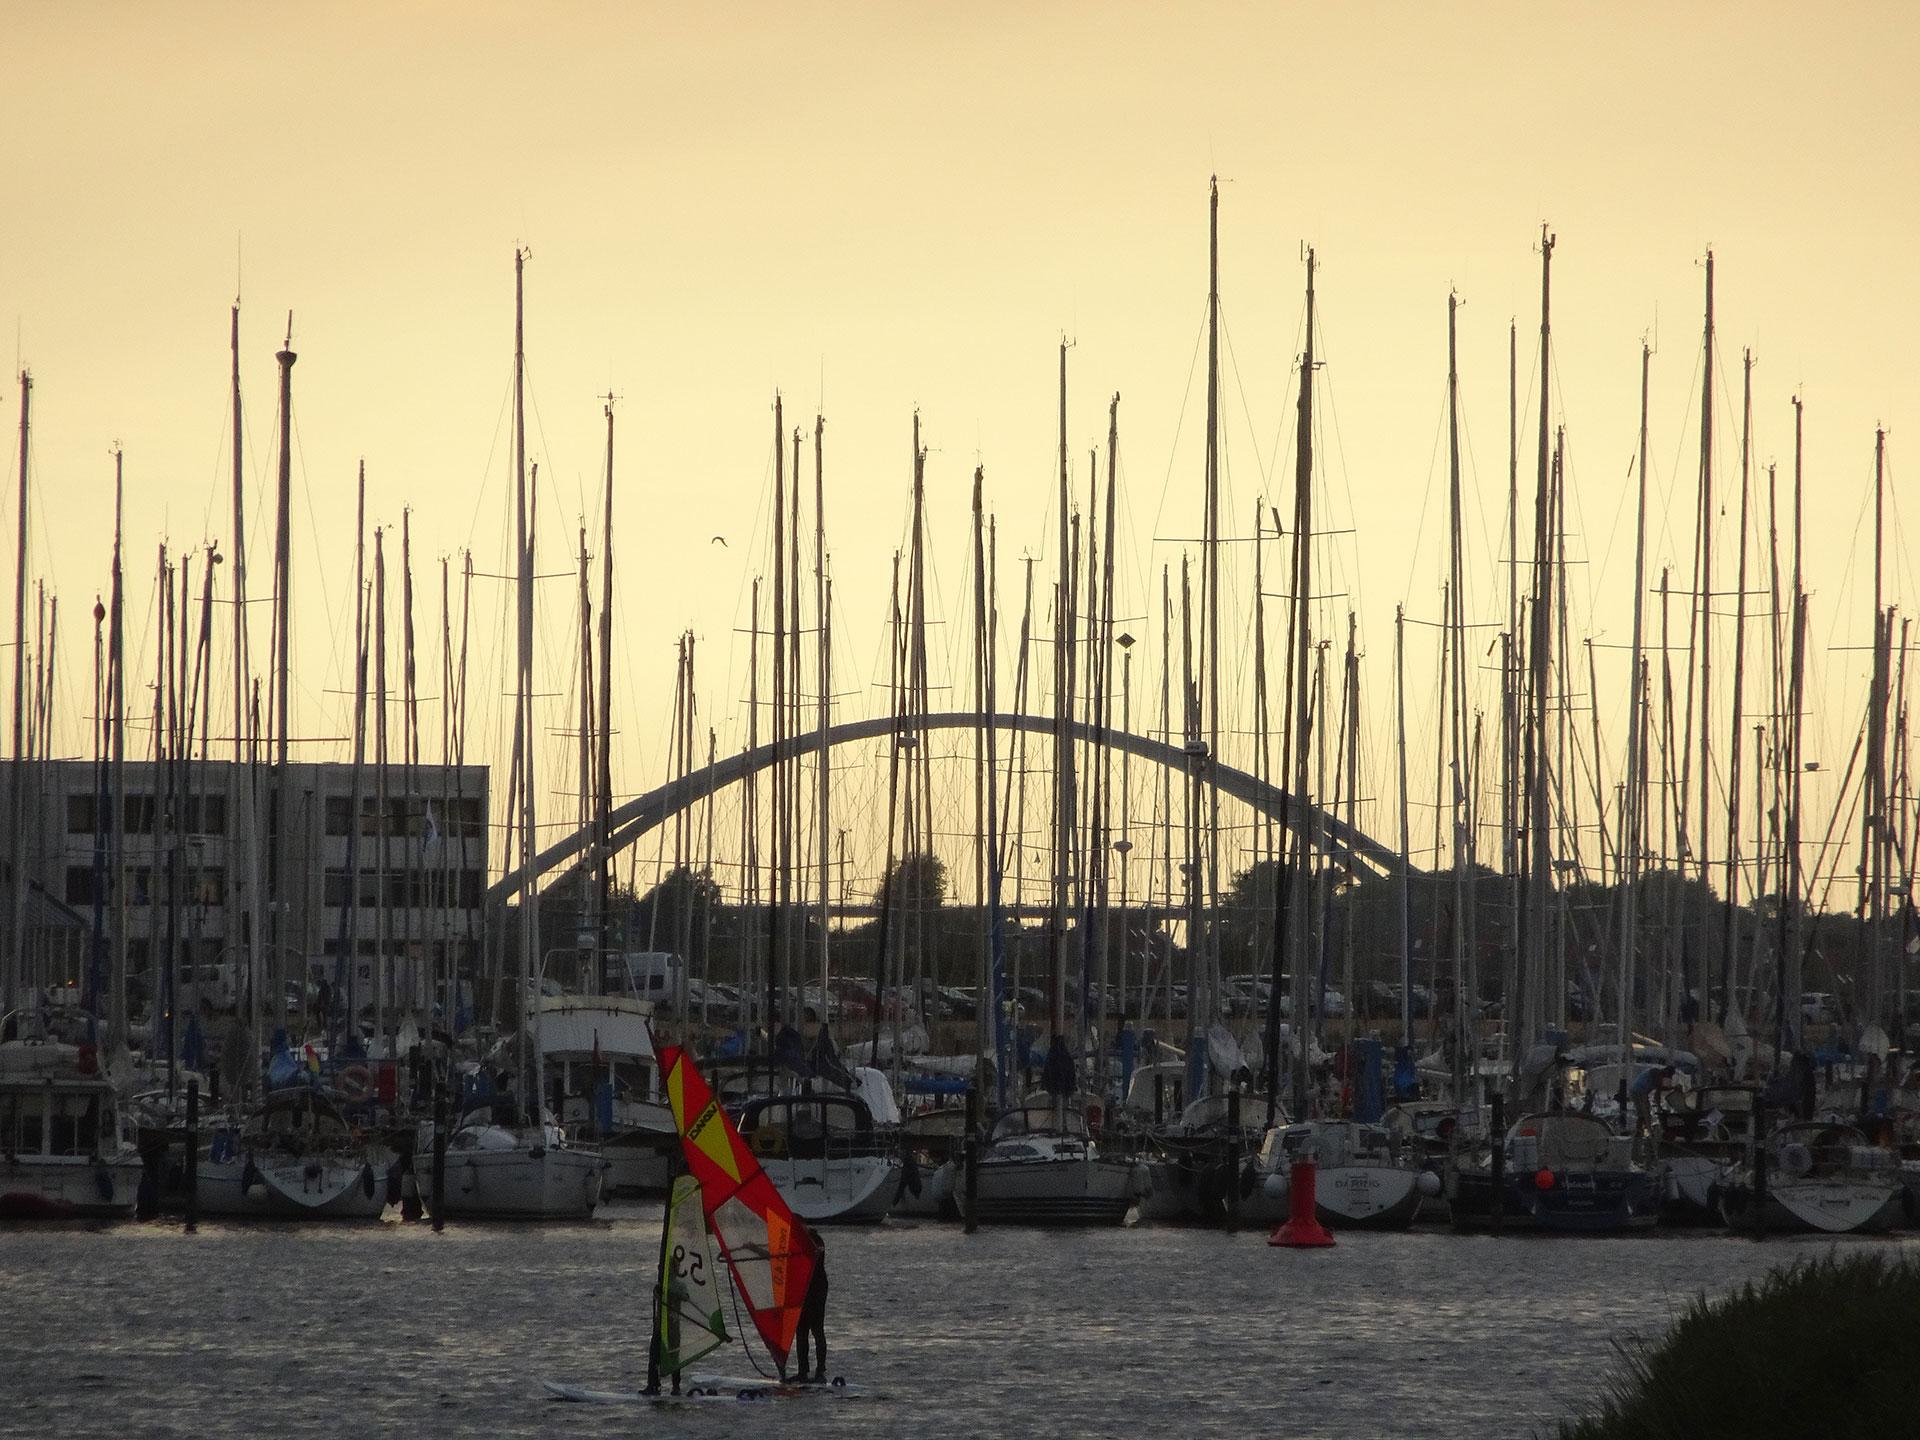 Henry-Buechler-Hafen-im-Abendlicht